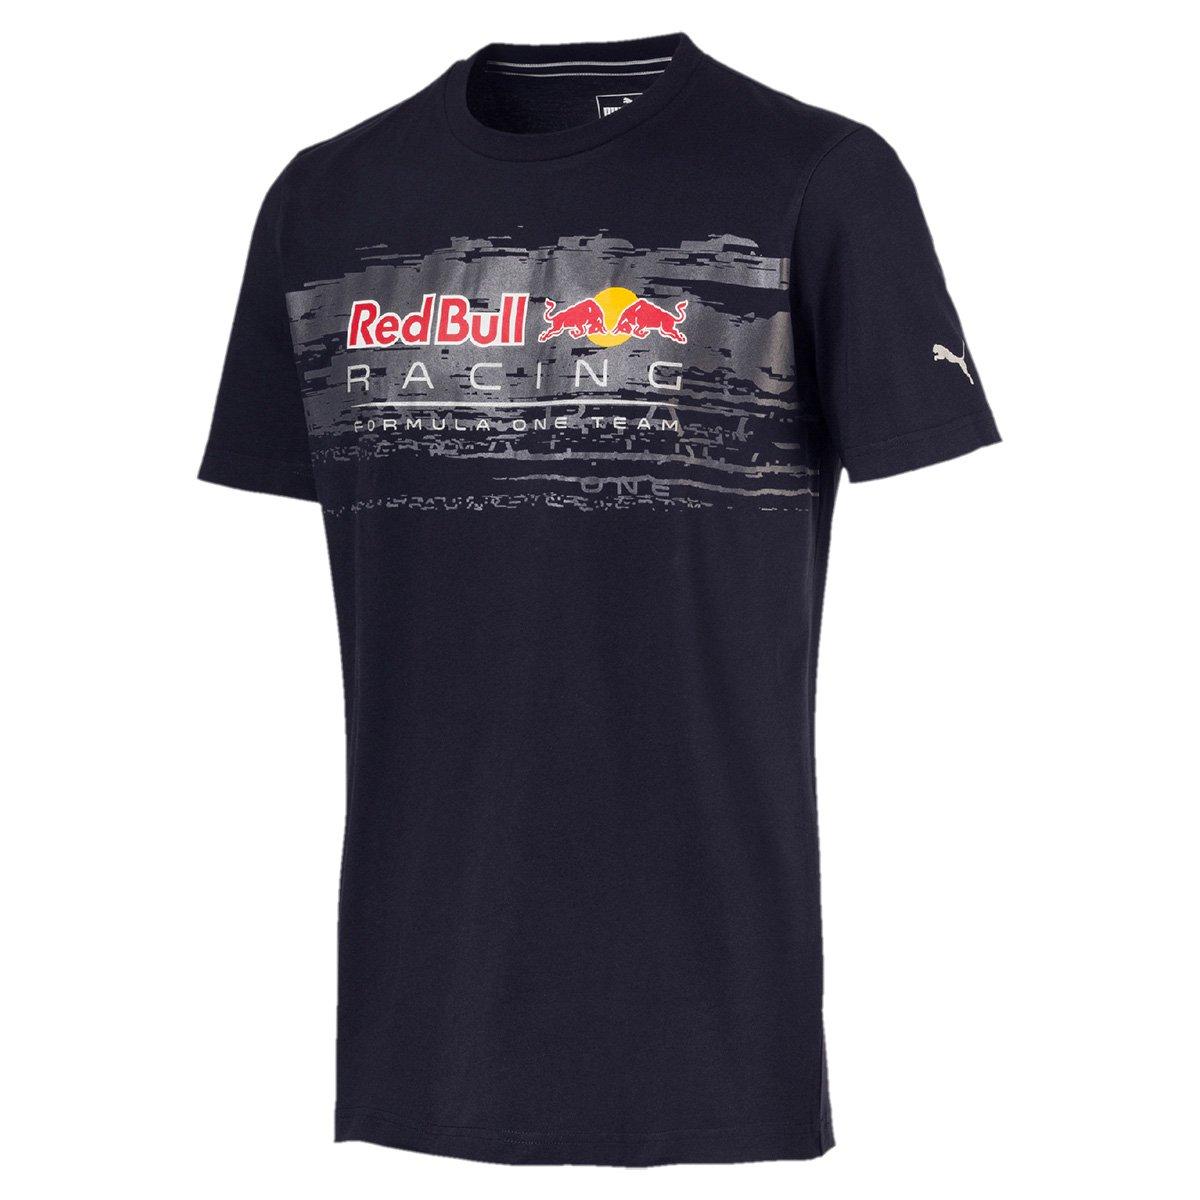 cdcbcc3018533 Camiseta Puma Red Bull Racing Logo Tee Masculina - Marinho - Compre Agora